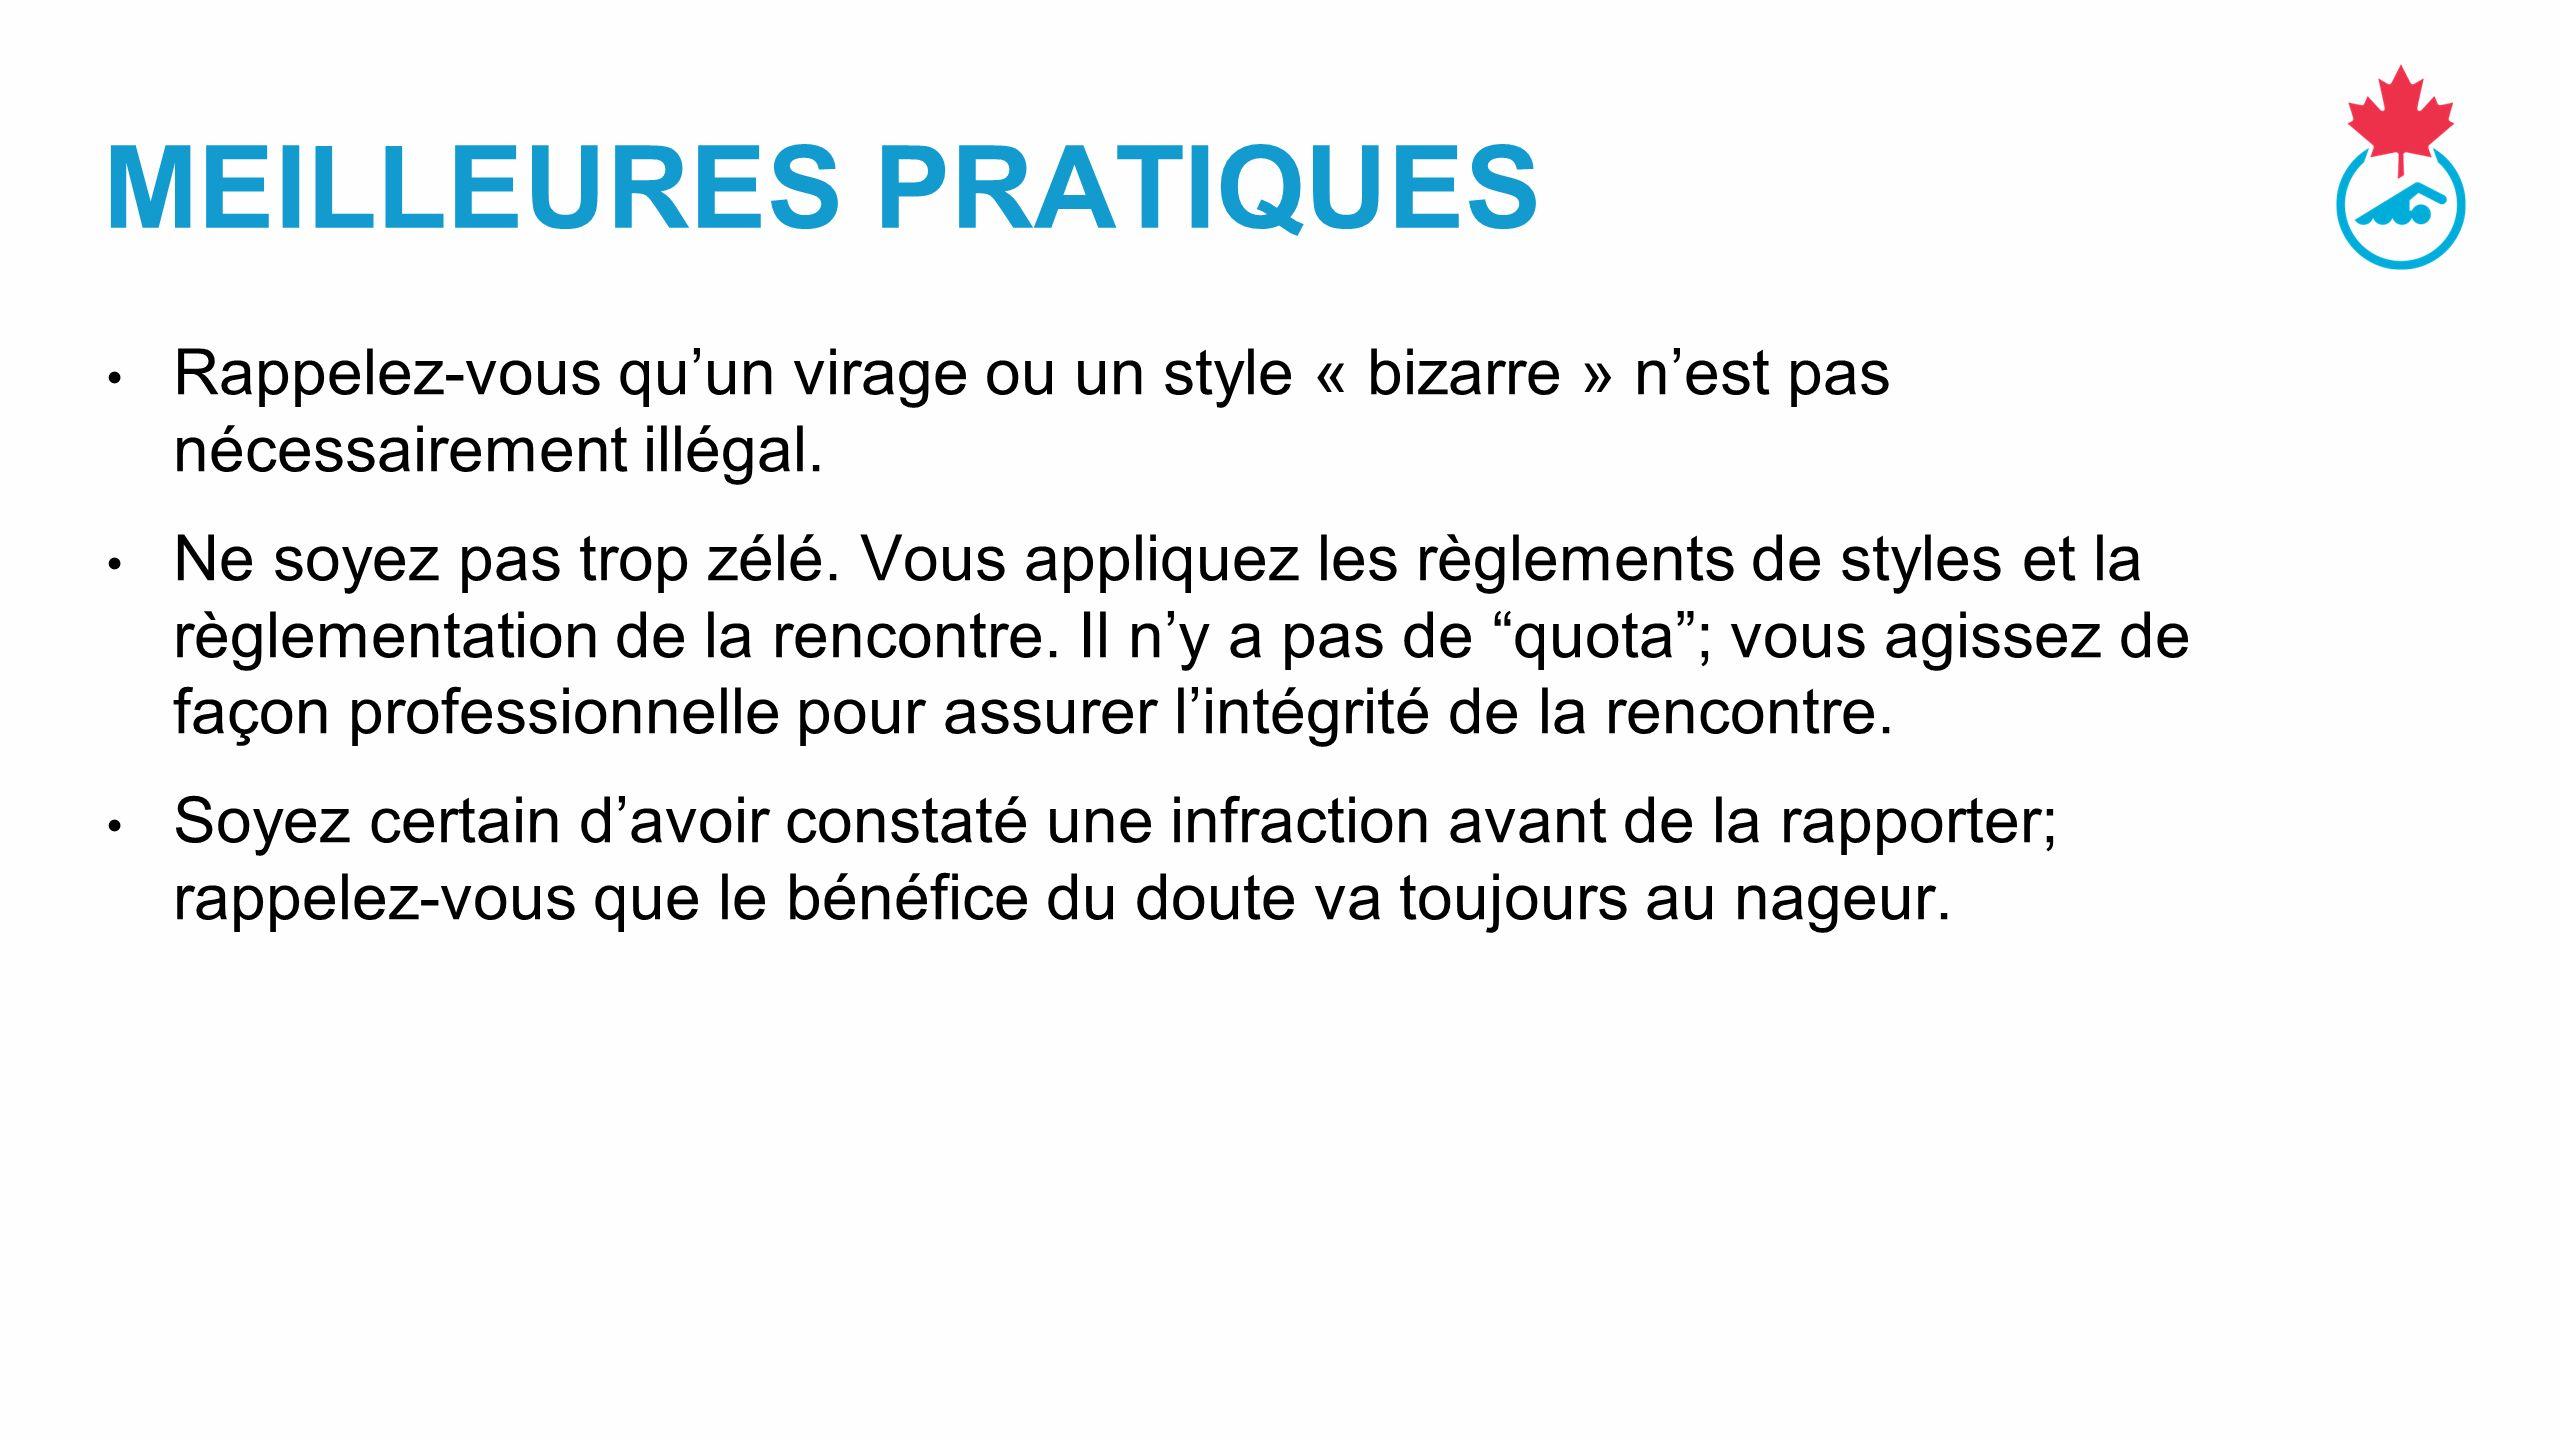 MEILLEURES PRATIQUES Rappelez-vous qu'un virage ou un style « bizarre » n'est pas nécessairement illégal.